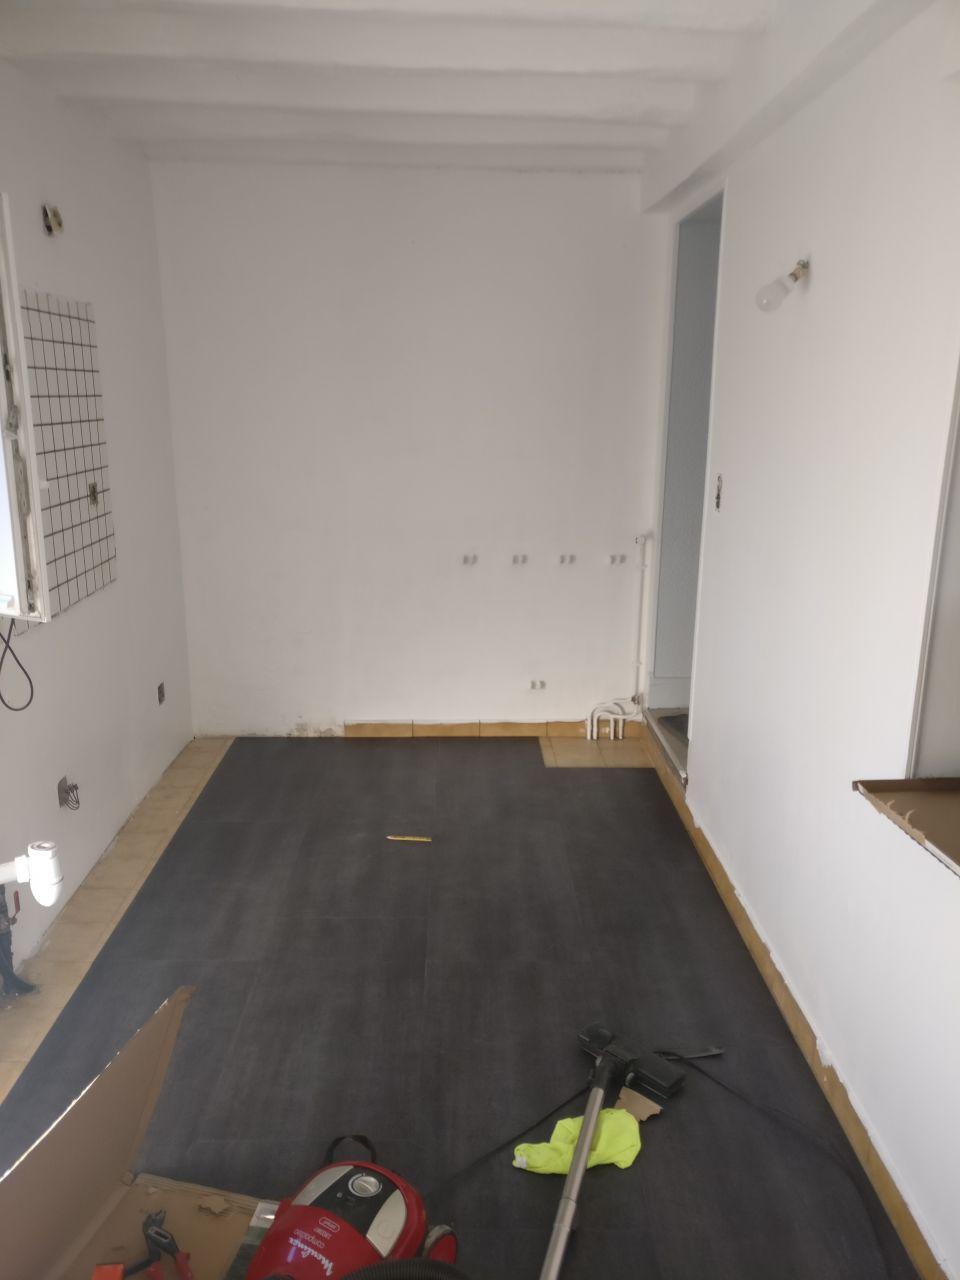 remplacement du sol de l'entrée => PVC imitation ardoise